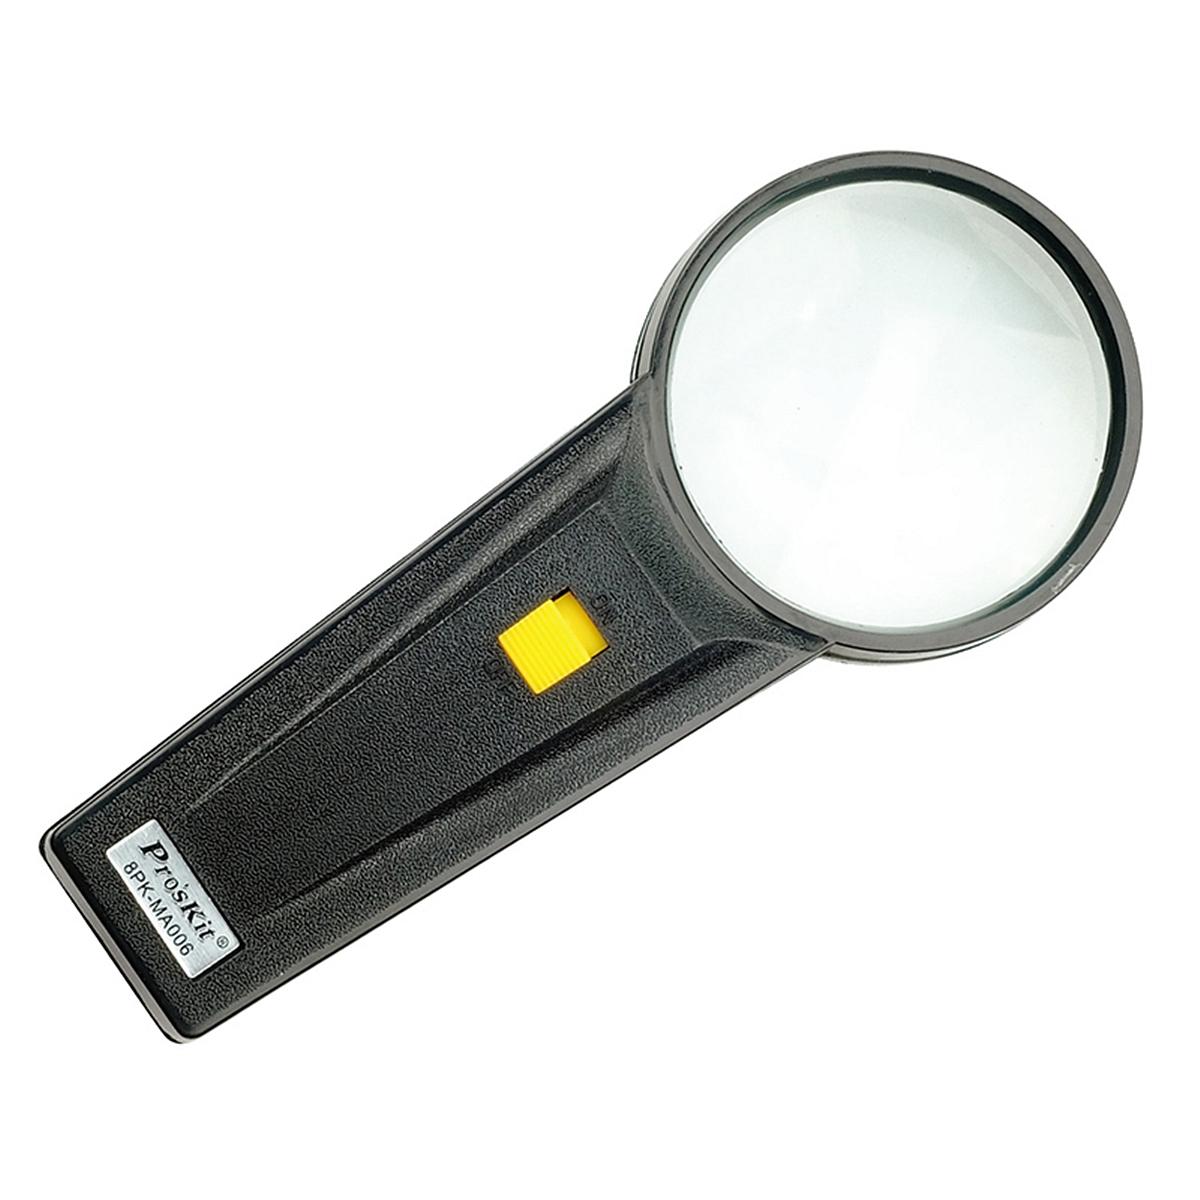 宝工 8PK-MA006 圆形手持带灯4倍放大镜 (单位:个)